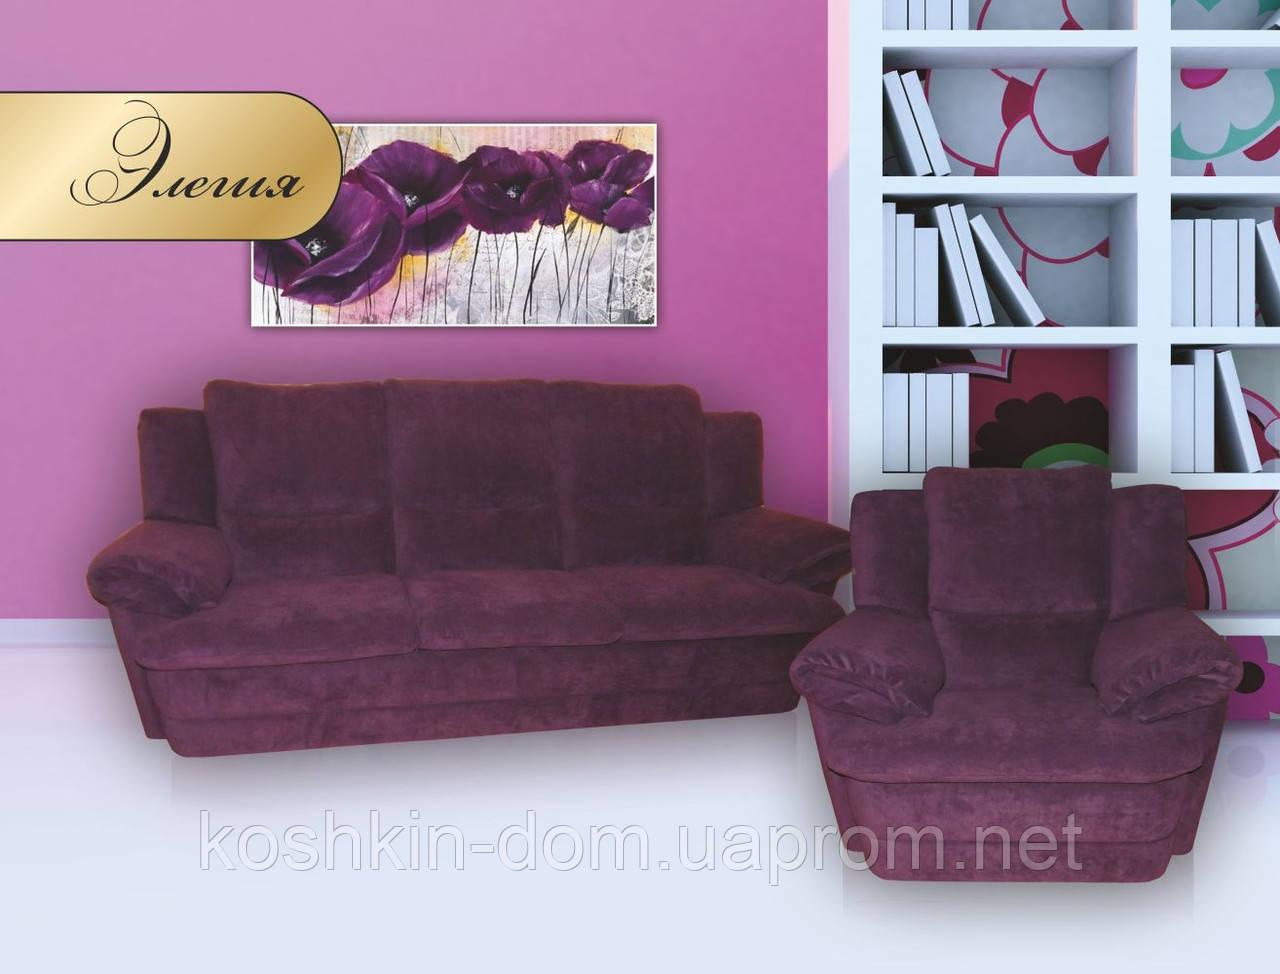 Комплект мягкой мебели Элегия (диван + кресло)